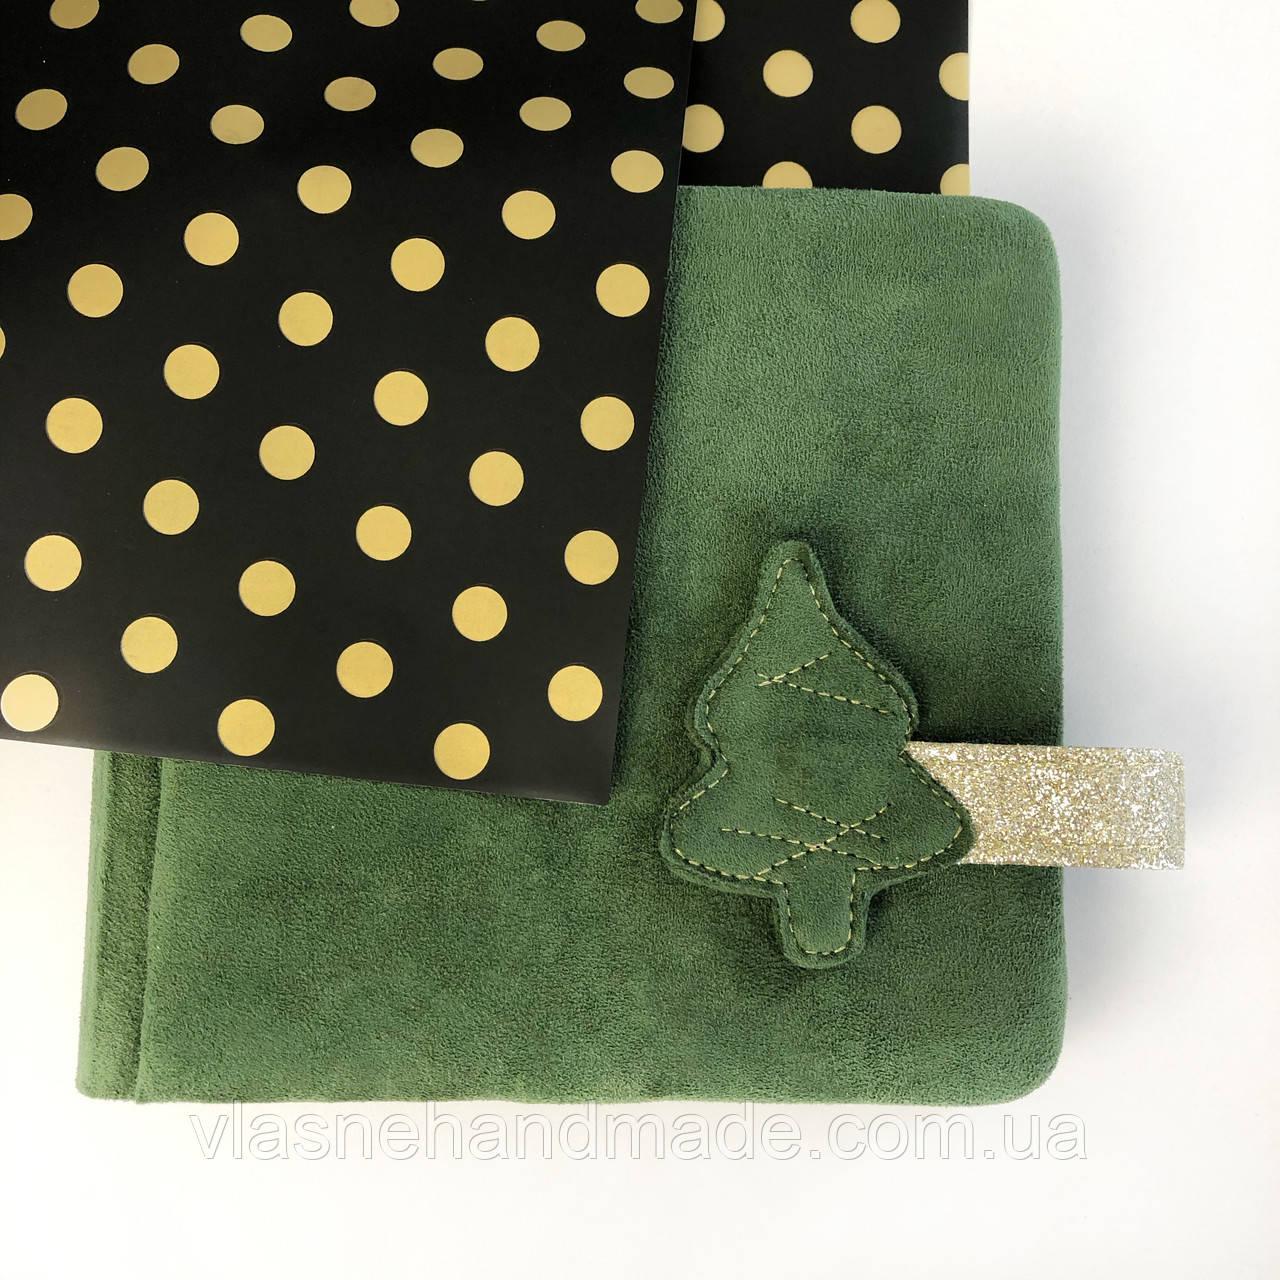 Папір для пакування - чорний в золотисті горошки - 59х58 см.